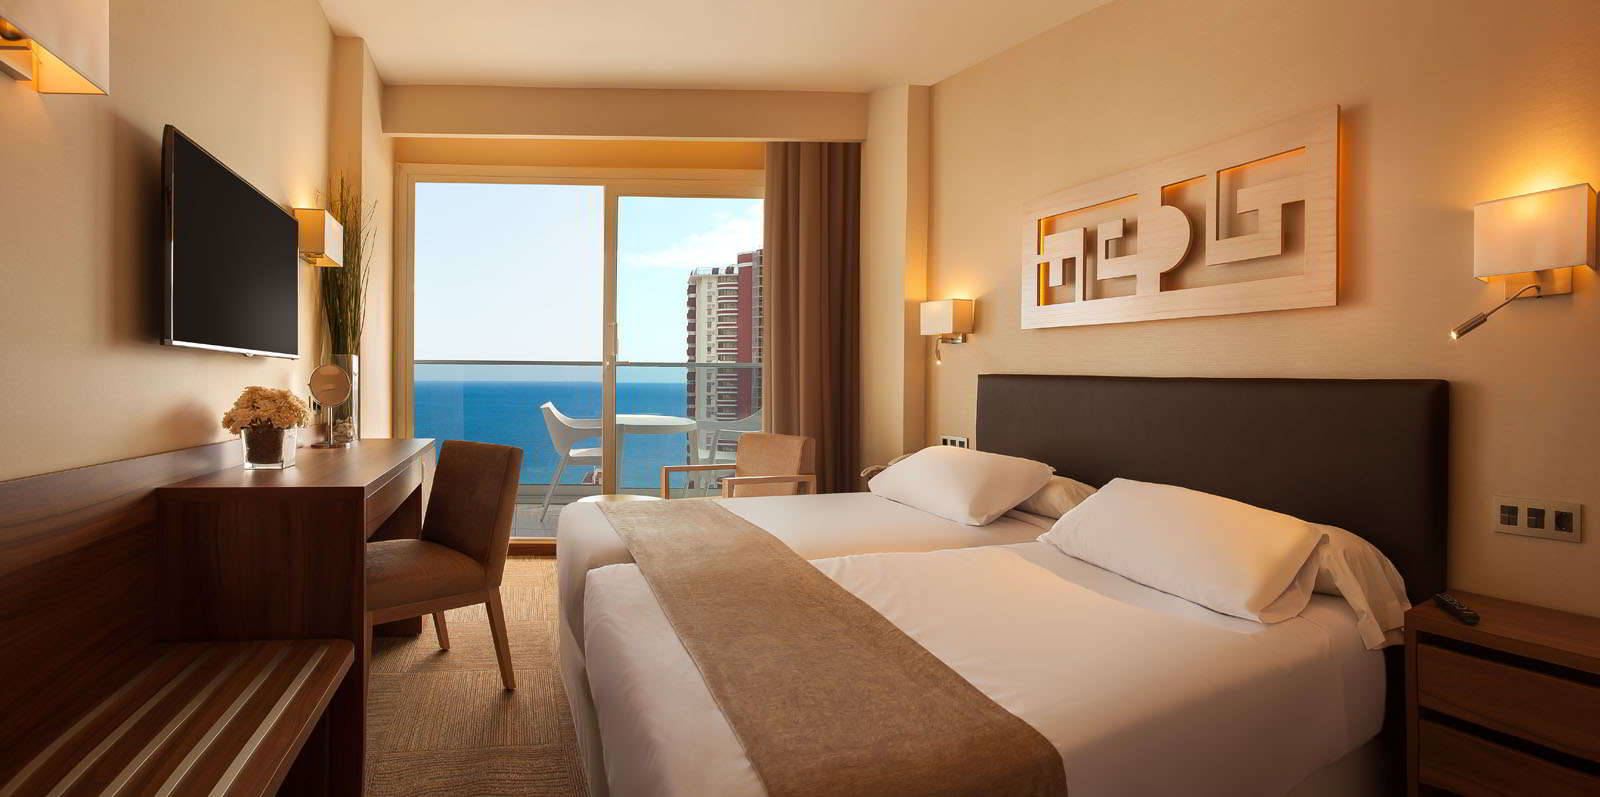 Habitación Estandar con vistas al mar del Hotel Don Pancho en Benidorm